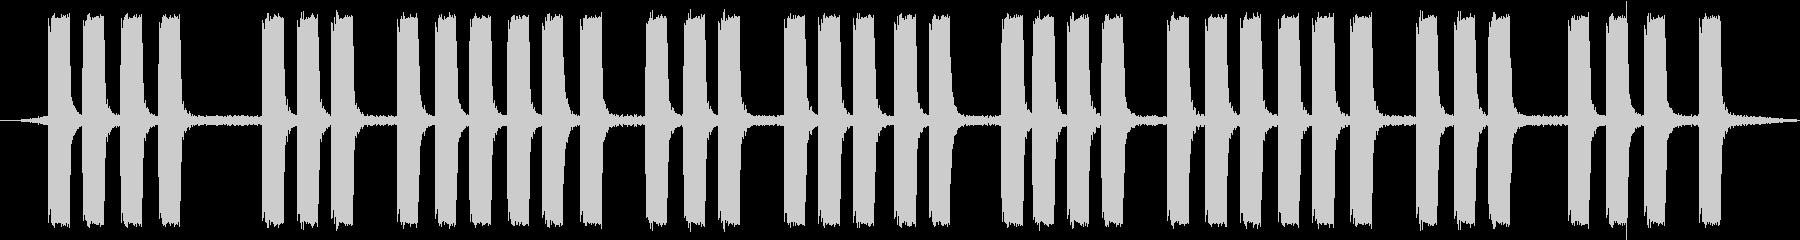 心臓モニター:電子音:警告音、病院...の未再生の波形